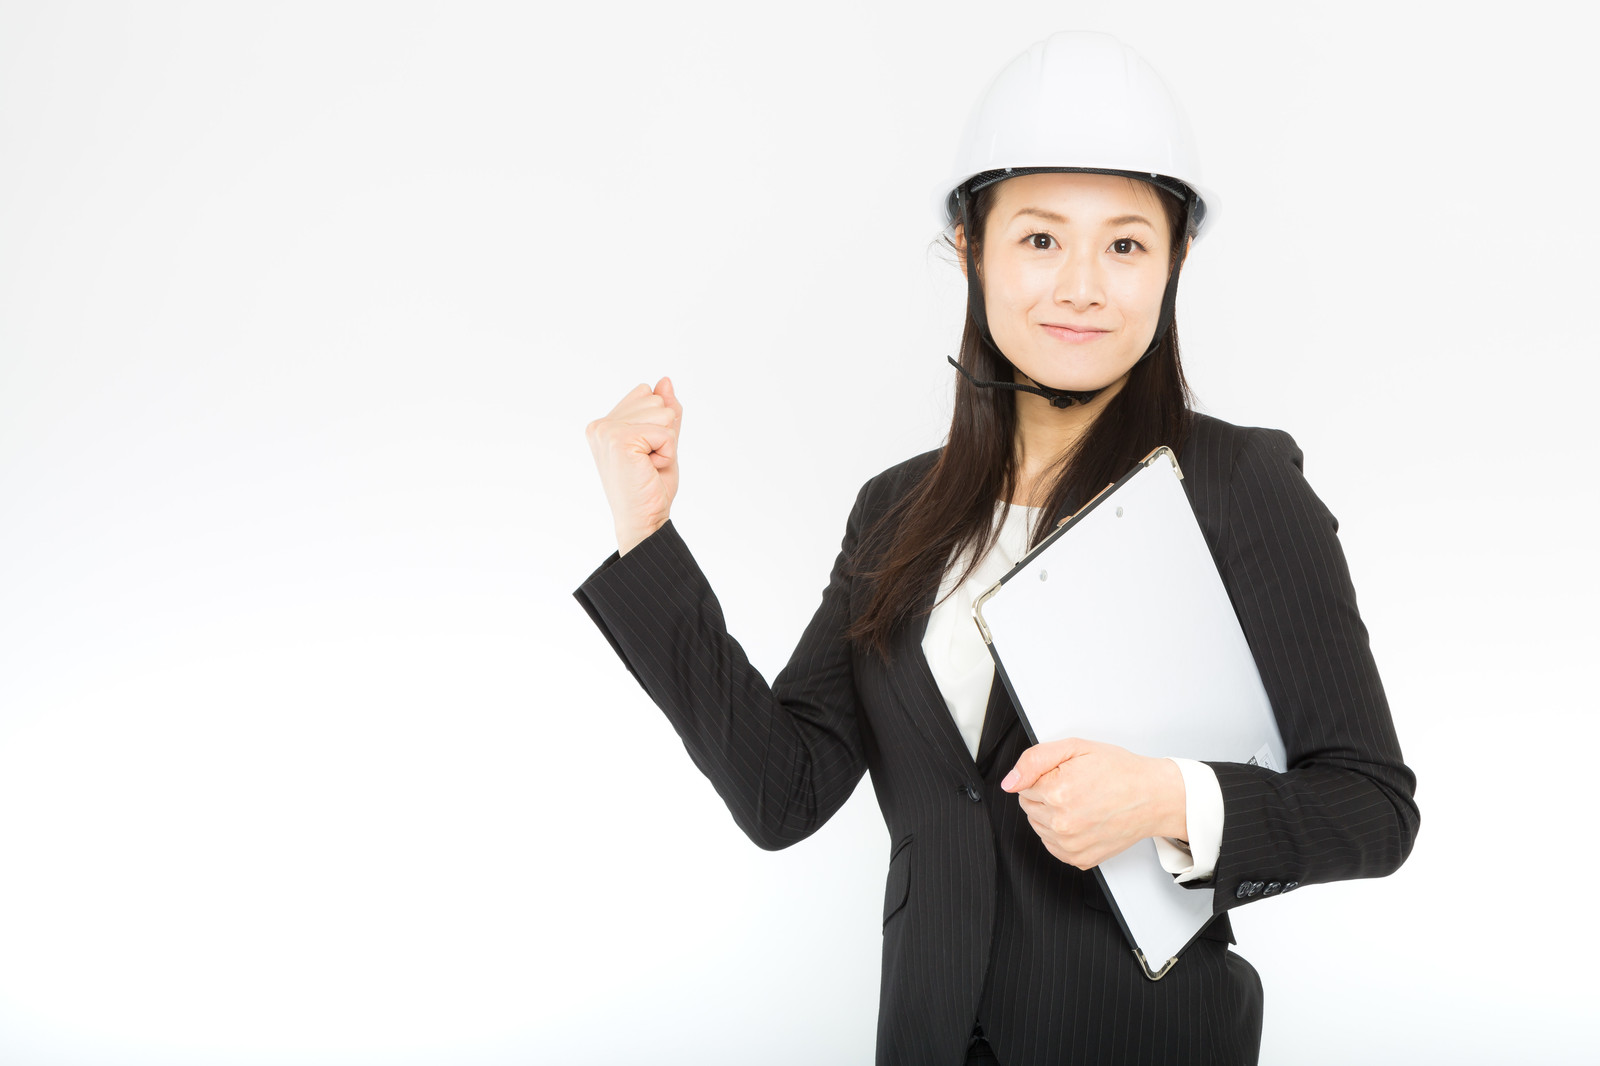 施工管理(現場監督)の転職先の会社選びのコツ【転職は年収を上げるチャンス】